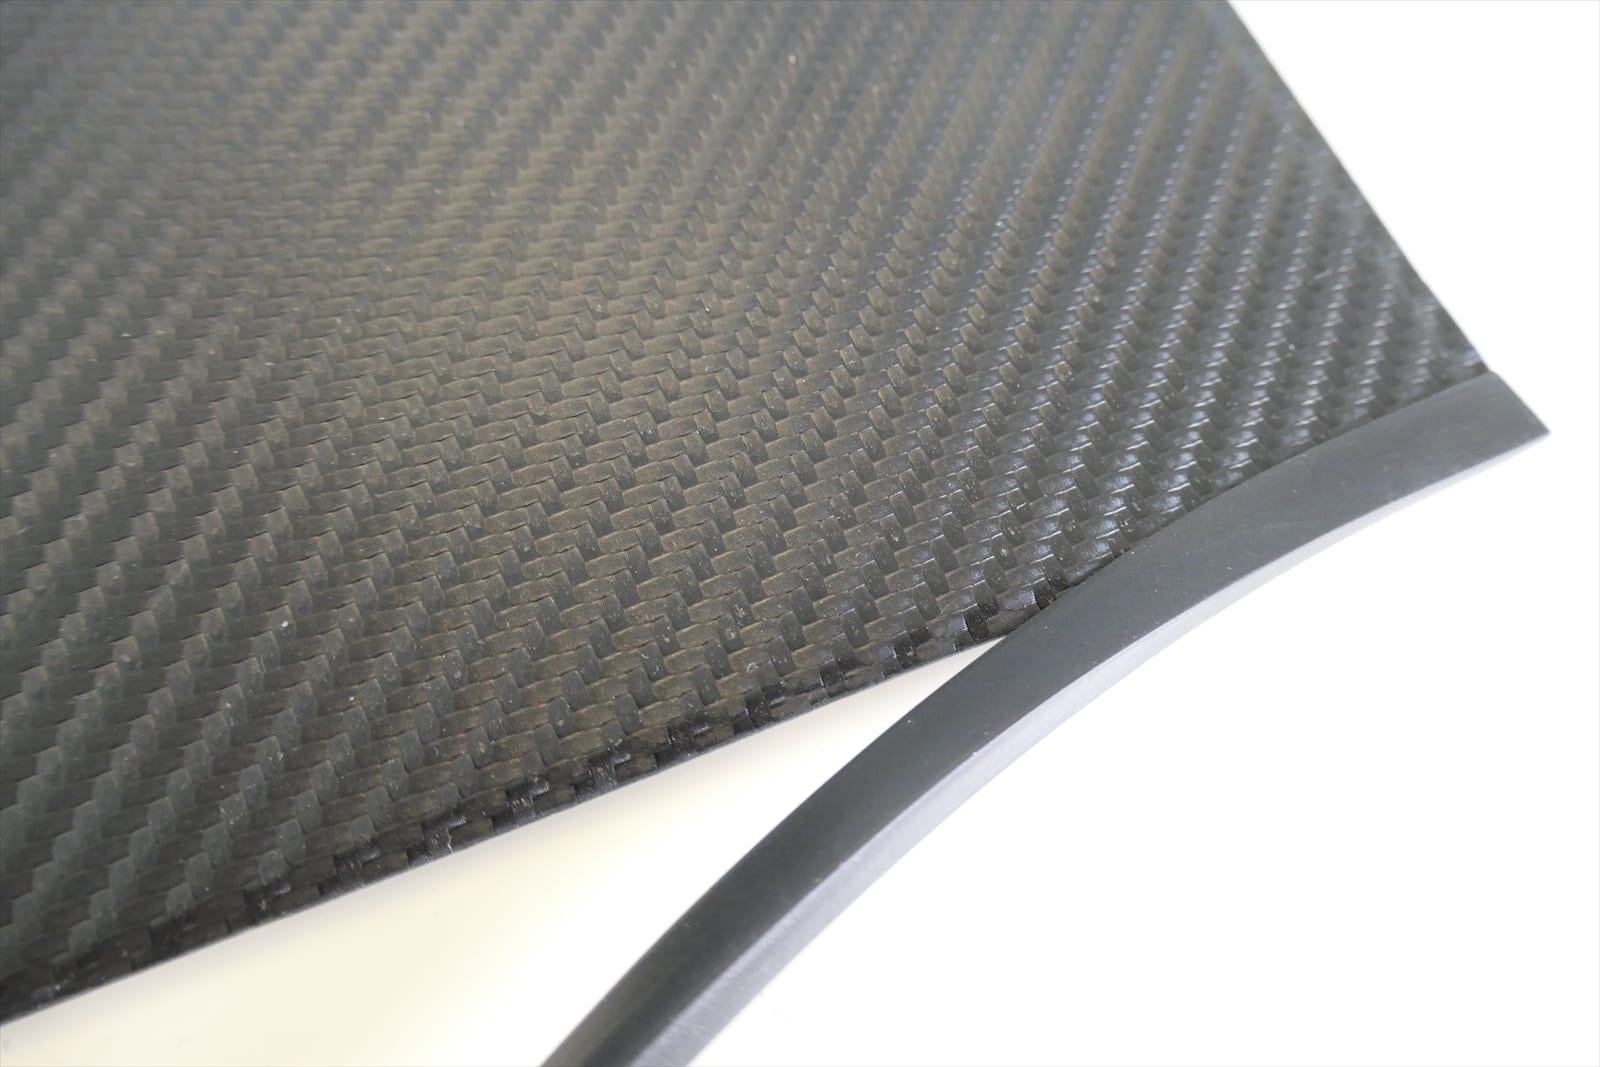 ThinkPad X390 + cocopar